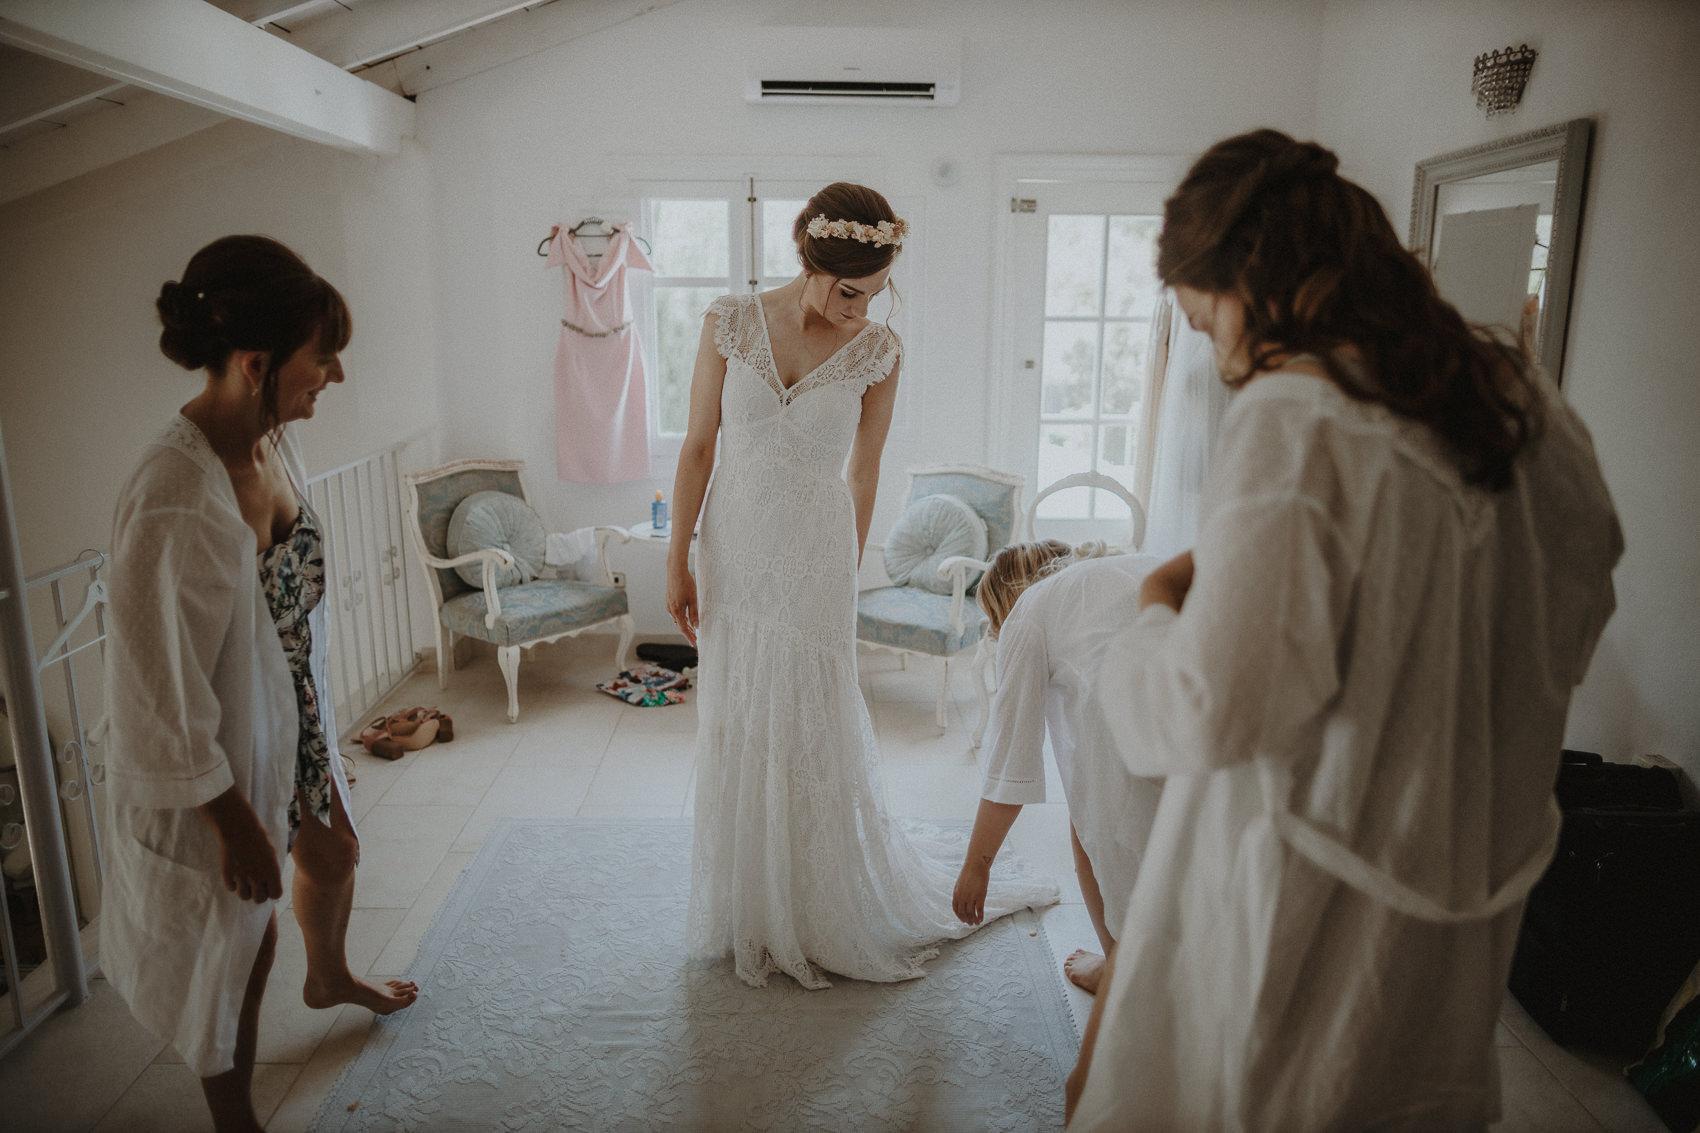 Sarah & Bill | Summer wedding at Cortijo Rosa Blanca | Marbella - Spain 50